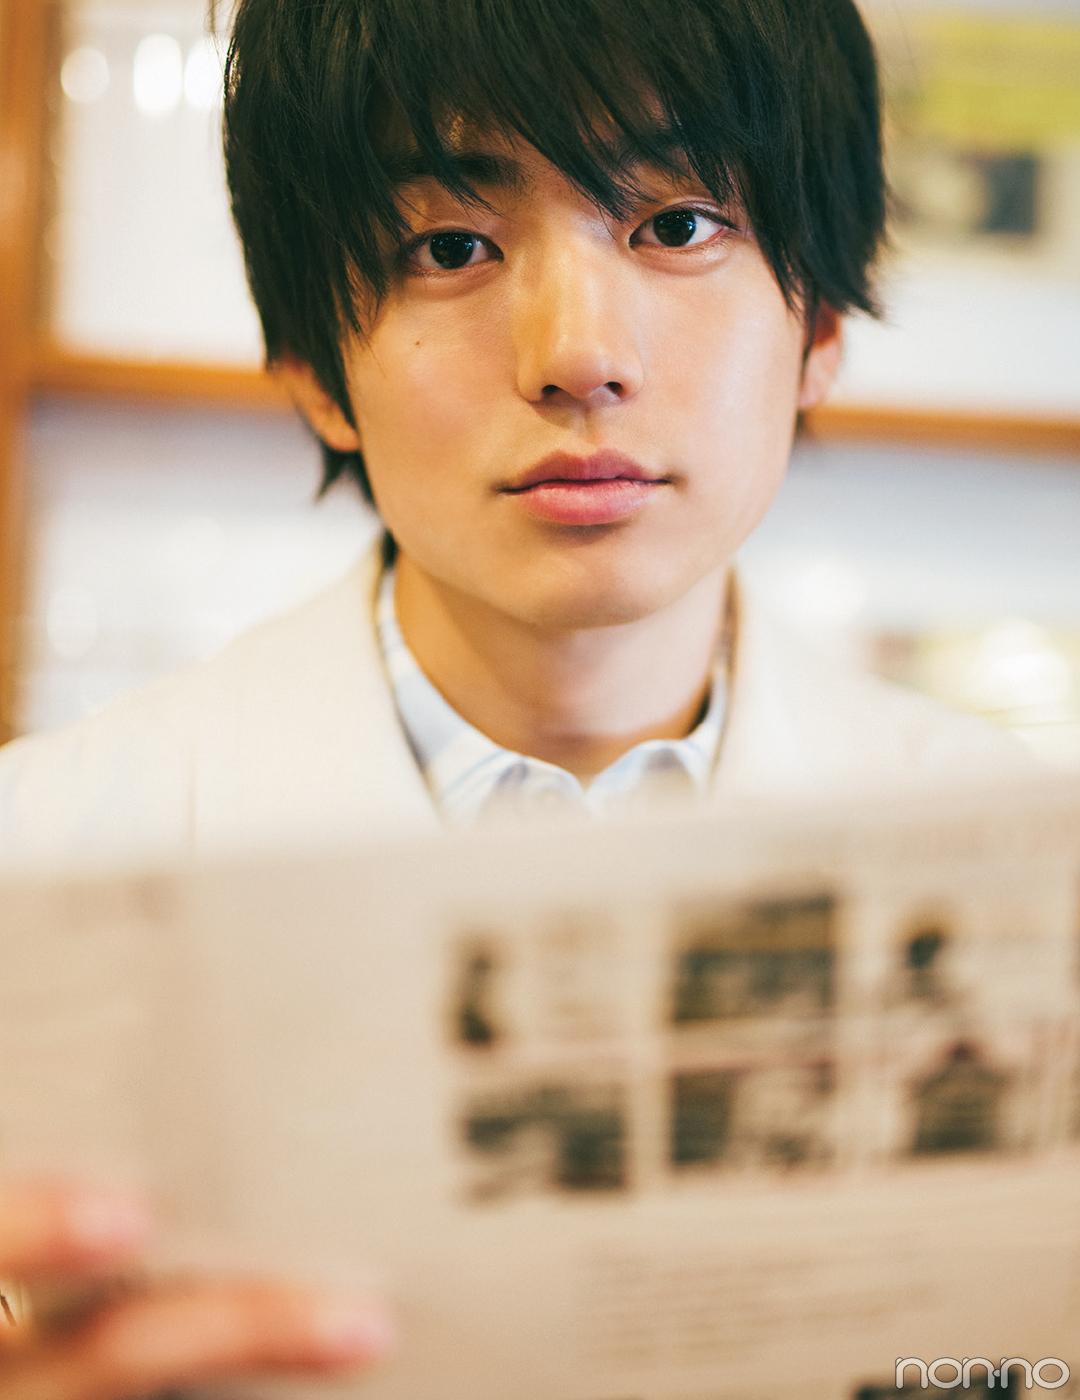 「伊藤健太郎、語る」、好きにならずにいられないフォトギャラリー_1_9